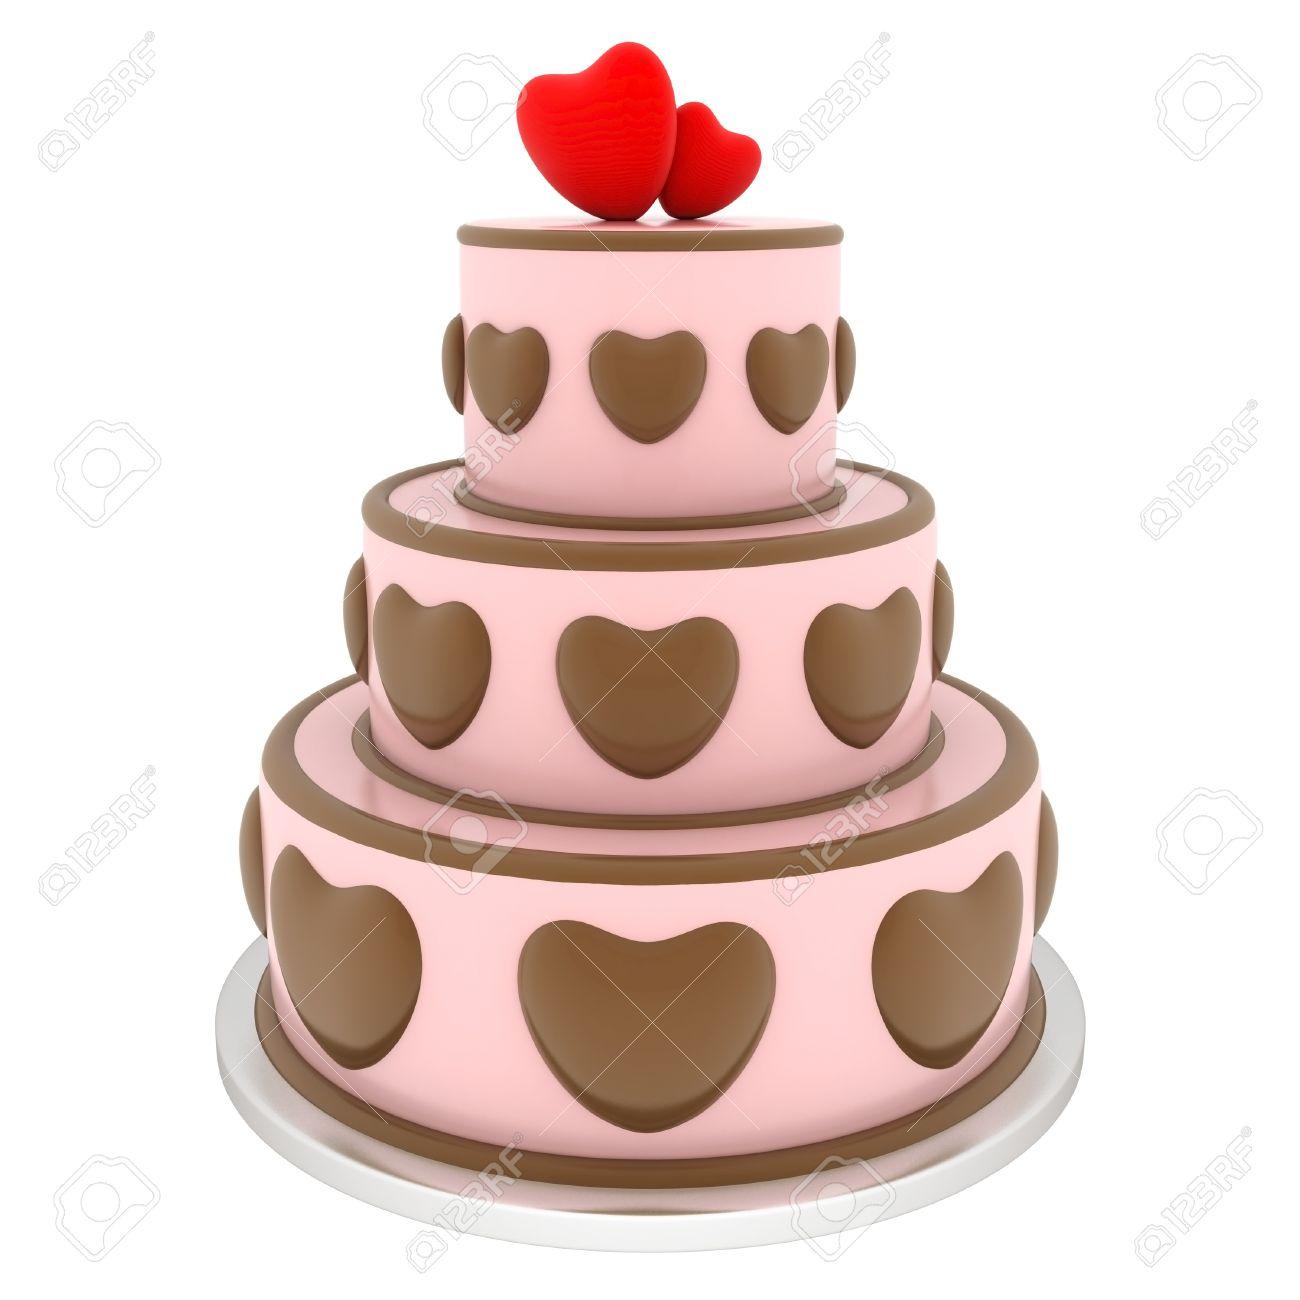 Eine Schone Hochzeit Kuchen Auf Einem Weissen Hintergrund Lizenzfreie